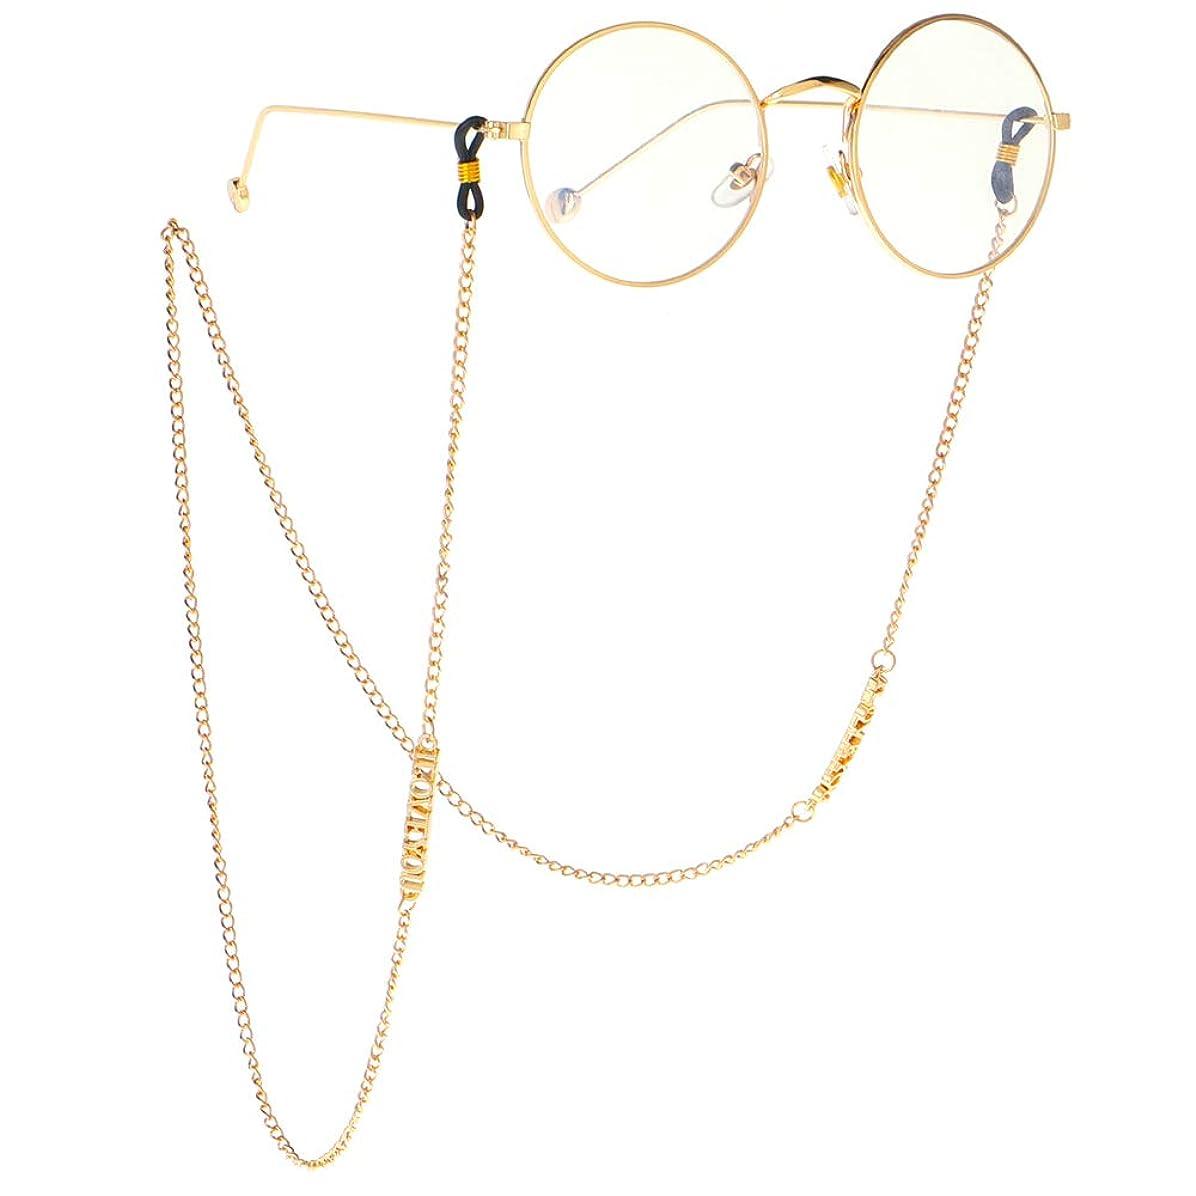 領収書食欲二層メガネチェーン 手紙私はあなたを愛してメガネチェーンファッションメガネチェーンとコード用女性サングラスホルダーストラップストラップ